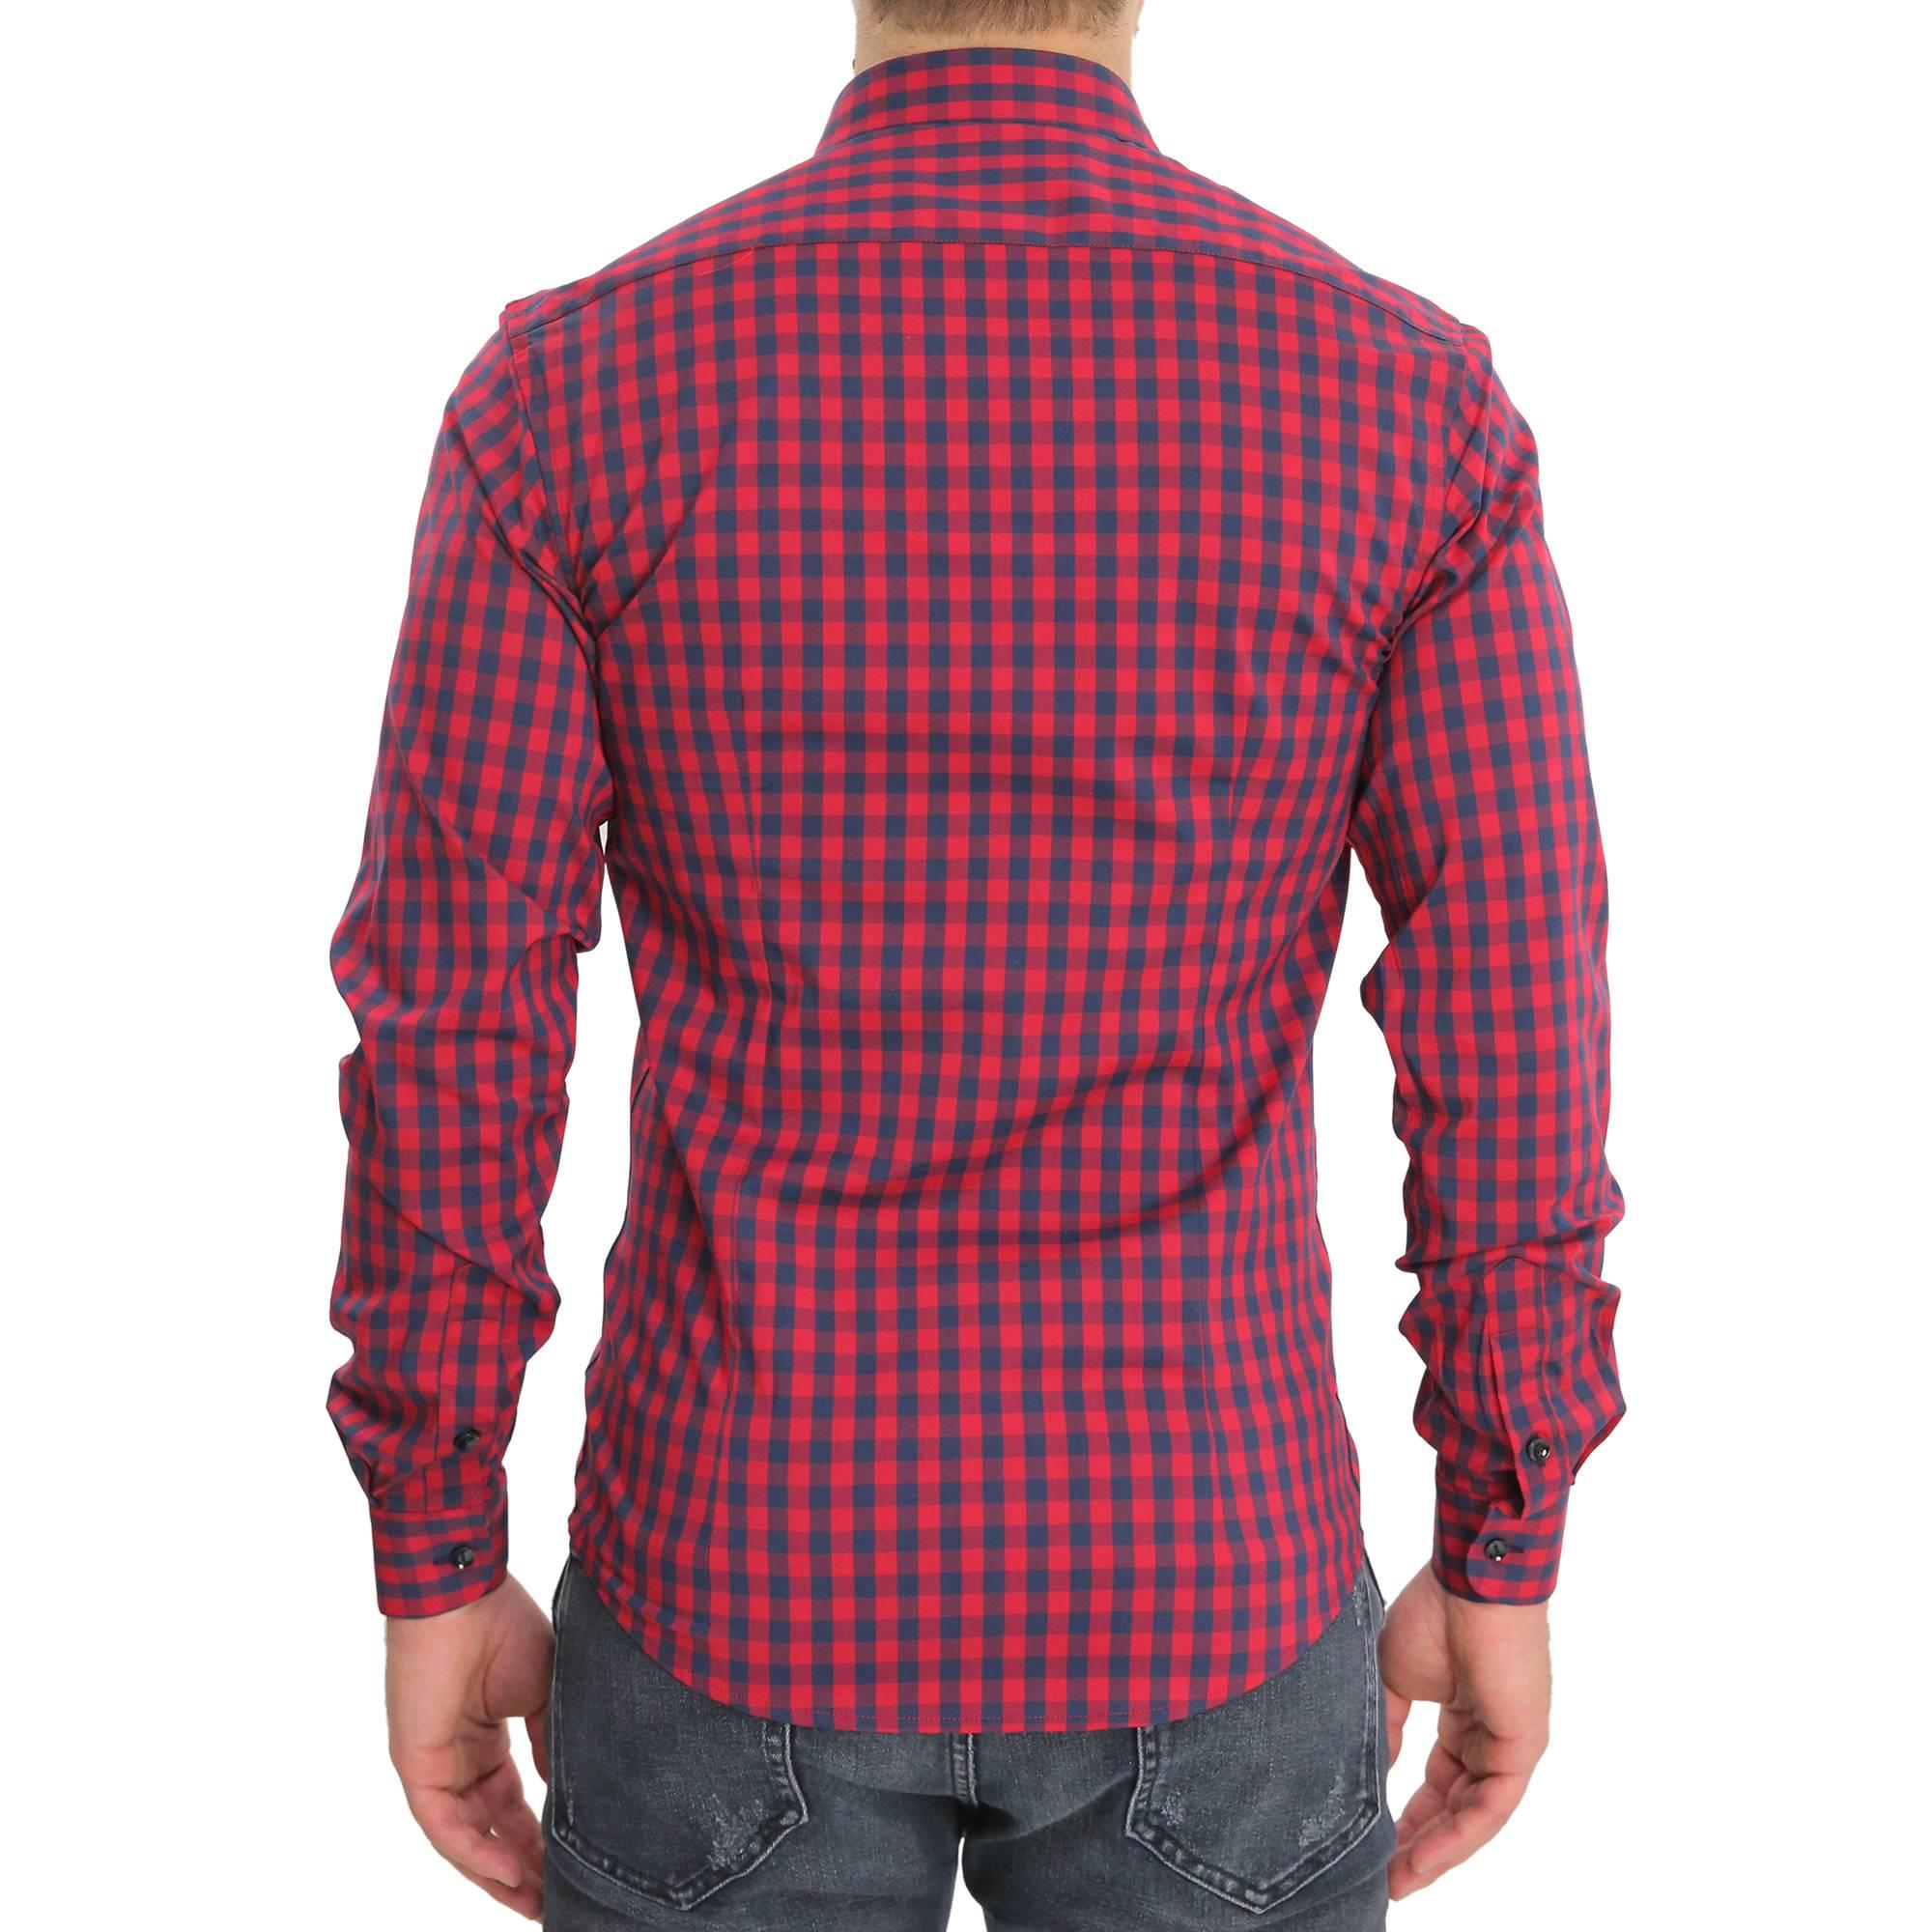 Camicia-Uomo-Cotone-Quadretti-Casual-Slim-Fit-Quadri-Scozzese-Manica-Lunga miniatura 8